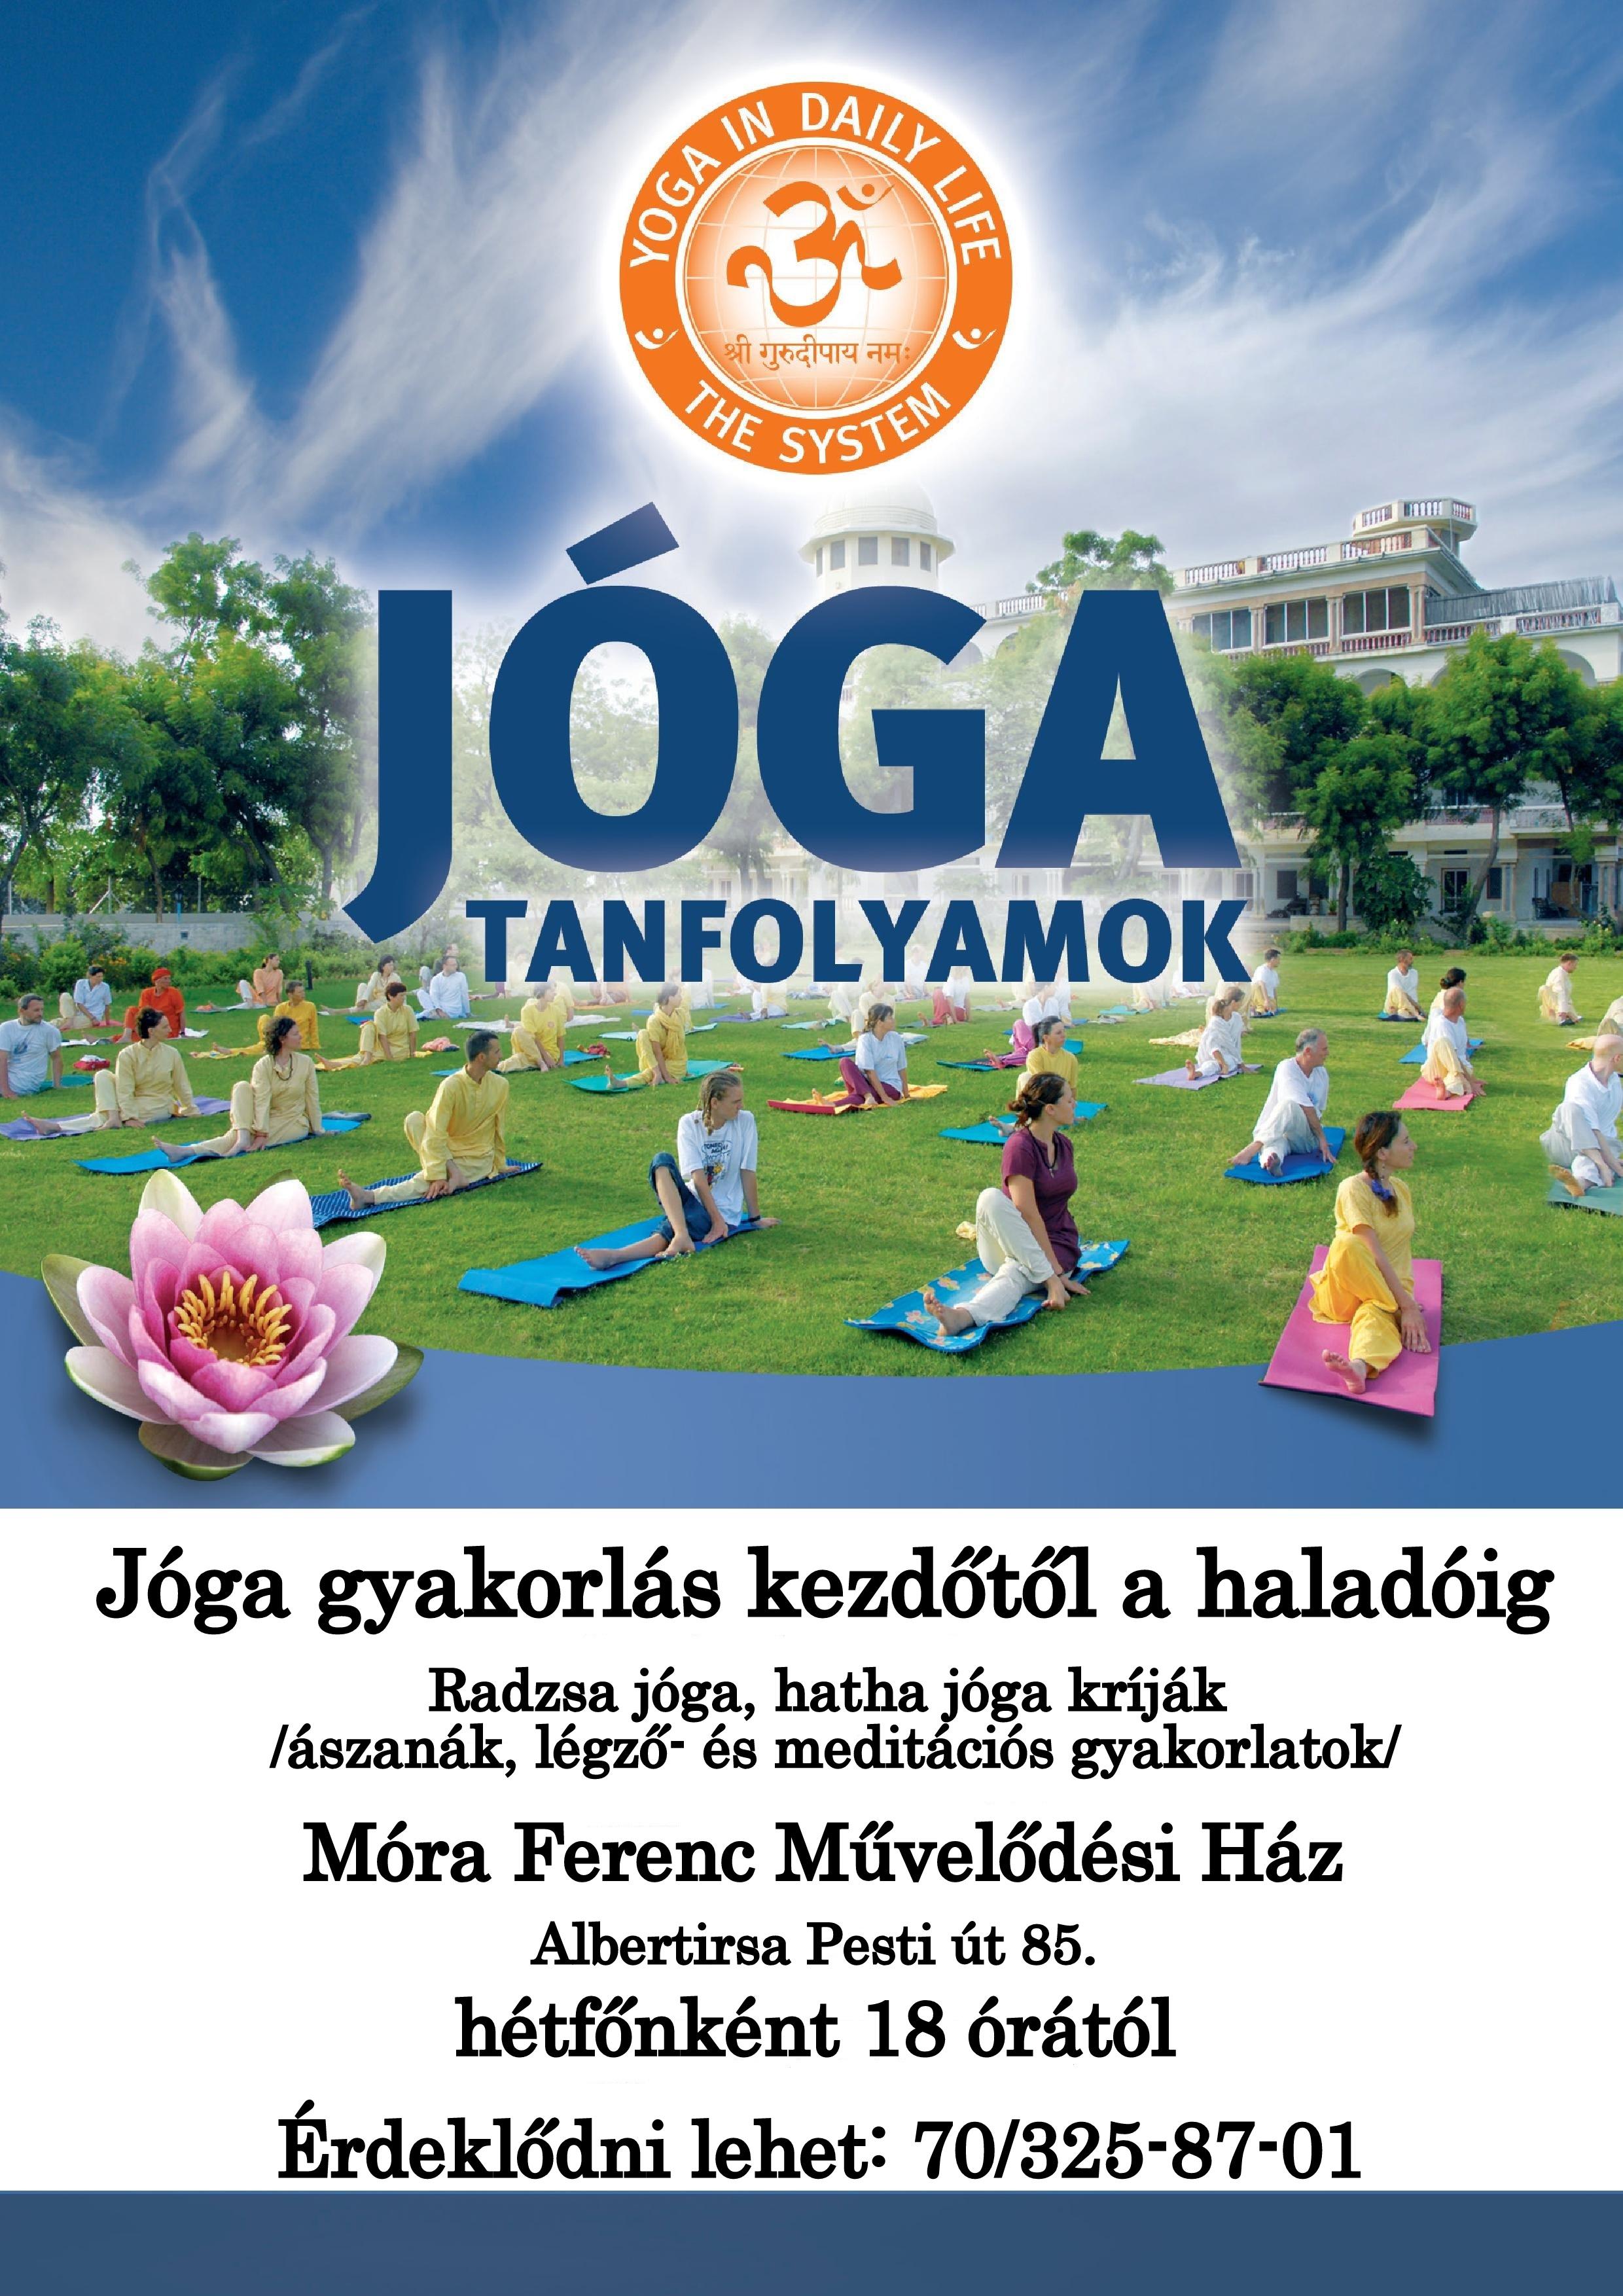 jóga plakát